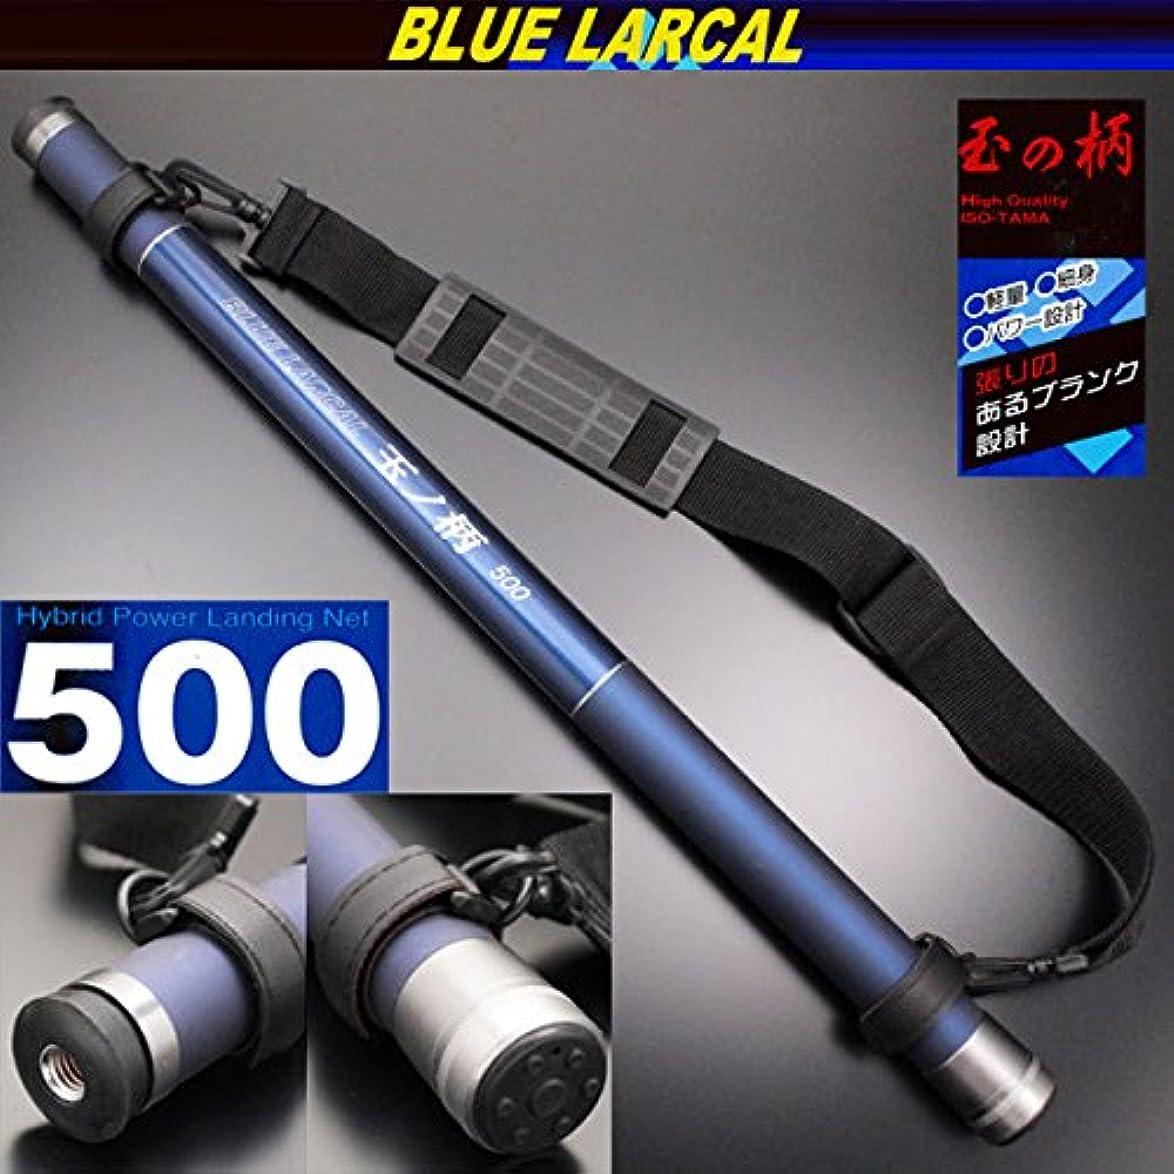 干ばつ黒人理想的には小継玉の柄 BLUE LARCAL 500(柄のみ) (190138-500)